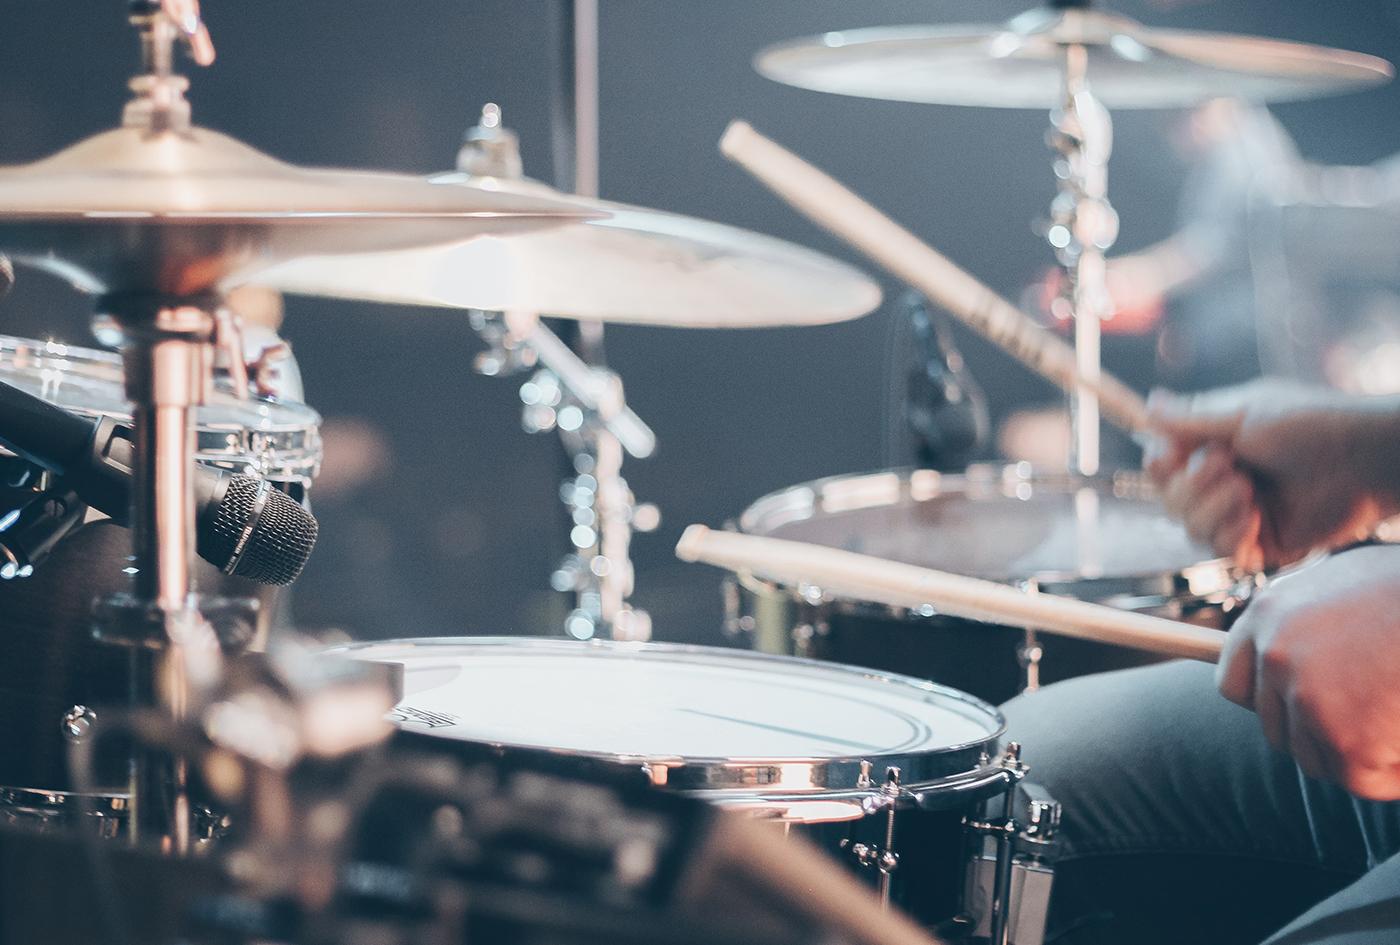 ドラムキット&プリセットによる印象の違い